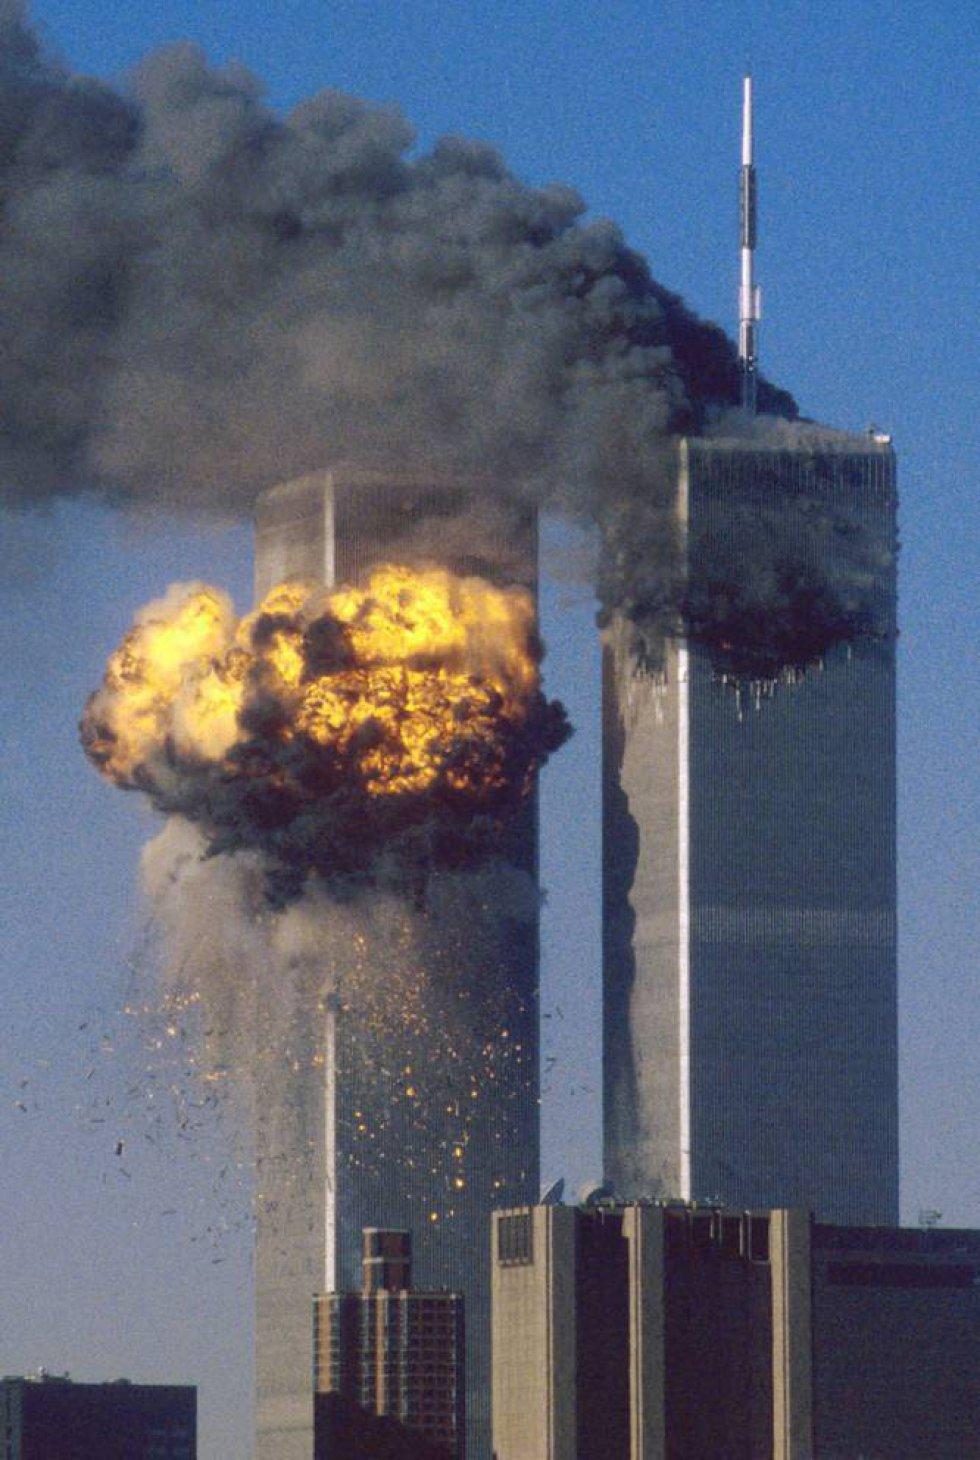 La Torre Sur del World Trade Center estalla en llamas tras el impacto del vuelo 175 de United Airlines.